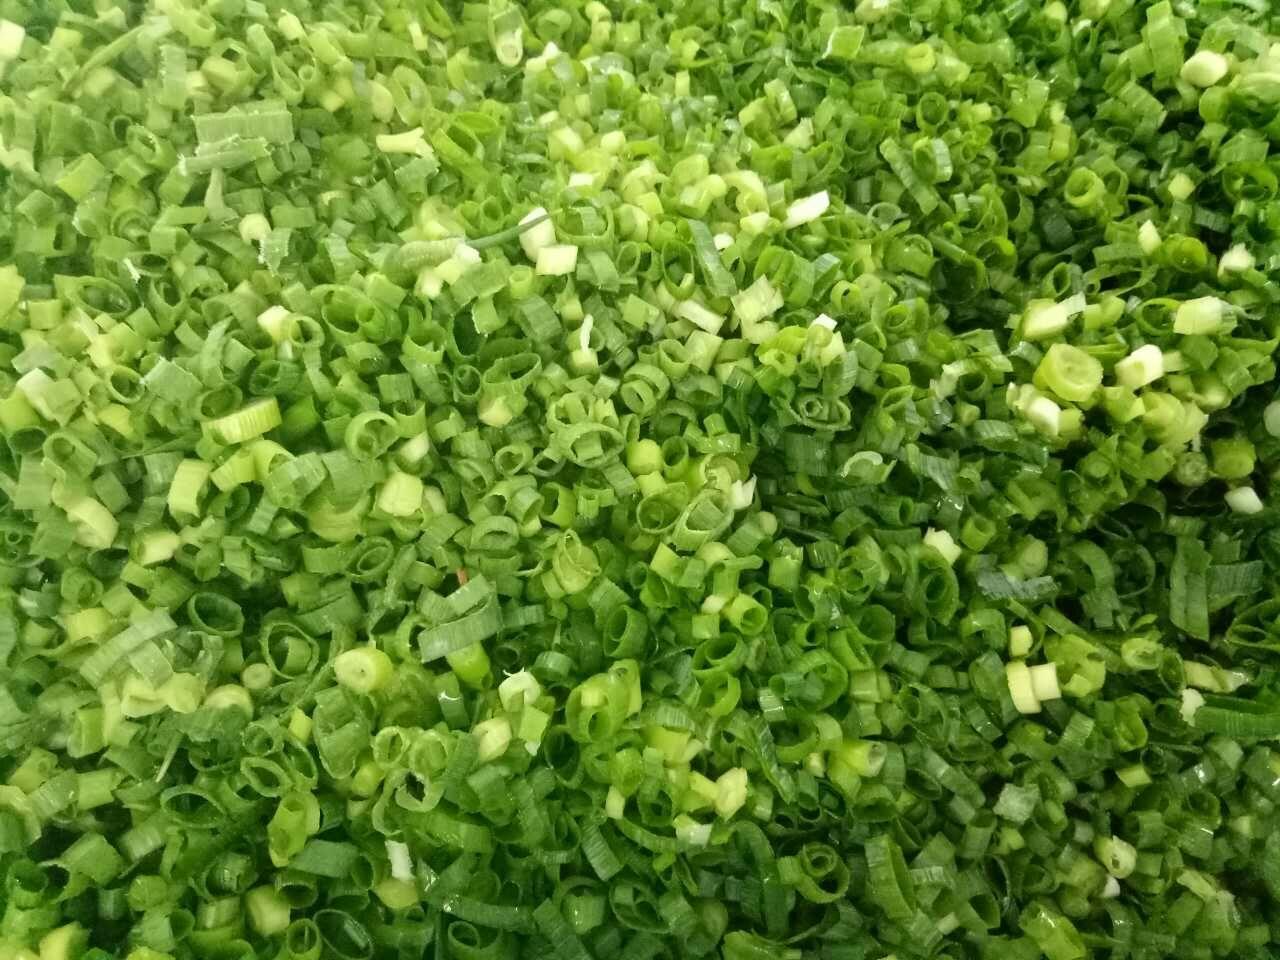 冷凍青蔥丁,速凍青蔥丁 2